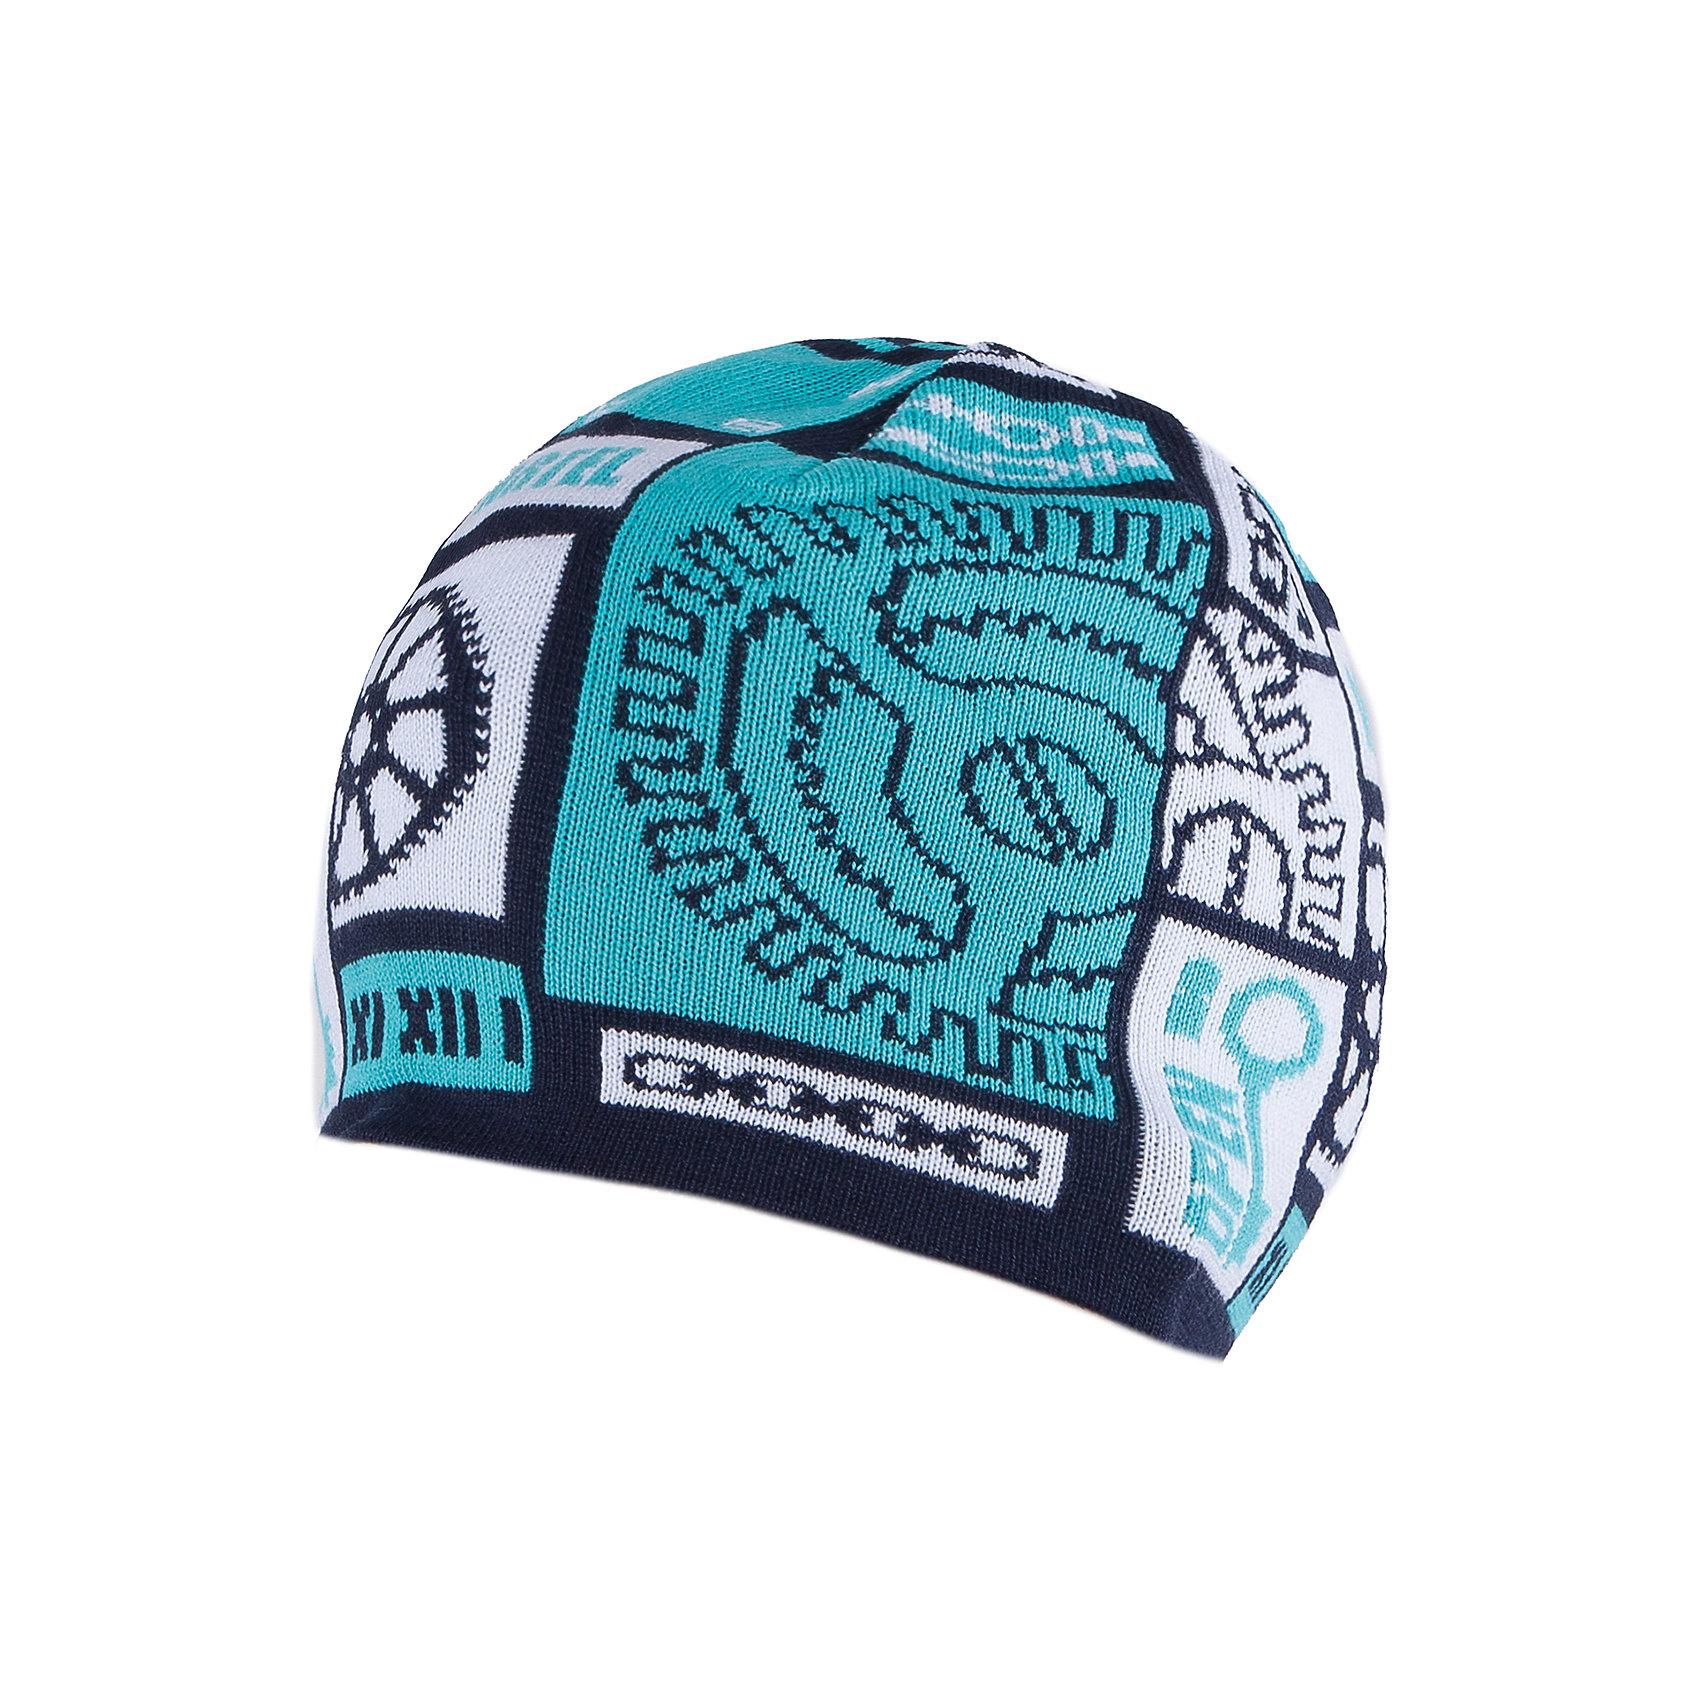 Шапка для мальчика АртельШапка для мальчика от торговой марки Артель <br><br>Модная шапка отлично смотрится на детях, обеспечивает комфорт и тепло. Изделие выполнено из качественных материалов, вязка плотная. Смешанный состав пряжи обеспечит износостойкость и удобство. Отличный вариант для переменной погоды межсезонья! <br>Одежда от бренда Артель – это высокое качество по приемлемой цене и всегда продуманный дизайн. <br><br>Особенности модели: <br>- цвет — бирюзовый; <br>- украшена вывязанным рисунком;<br>- пряжа смешанного состава. <br><br>Дополнительная информация: <br><br>Состав: 50% хлопок, 50% пан.<br><br><br>Температурный режим: <br>От -5 °C до +15 °C <br><br>Шапку для мальчика Артель (Artel) можно купить в нашем магазине.<br><br>Ширина мм: 89<br>Глубина мм: 117<br>Высота мм: 44<br>Вес г: 155<br>Цвет: синий<br>Возраст от месяцев: 60<br>Возраст до месяцев: 72<br>Пол: Мужской<br>Возраст: Детский<br>Размер: 52,54,50<br>SKU: 4500779